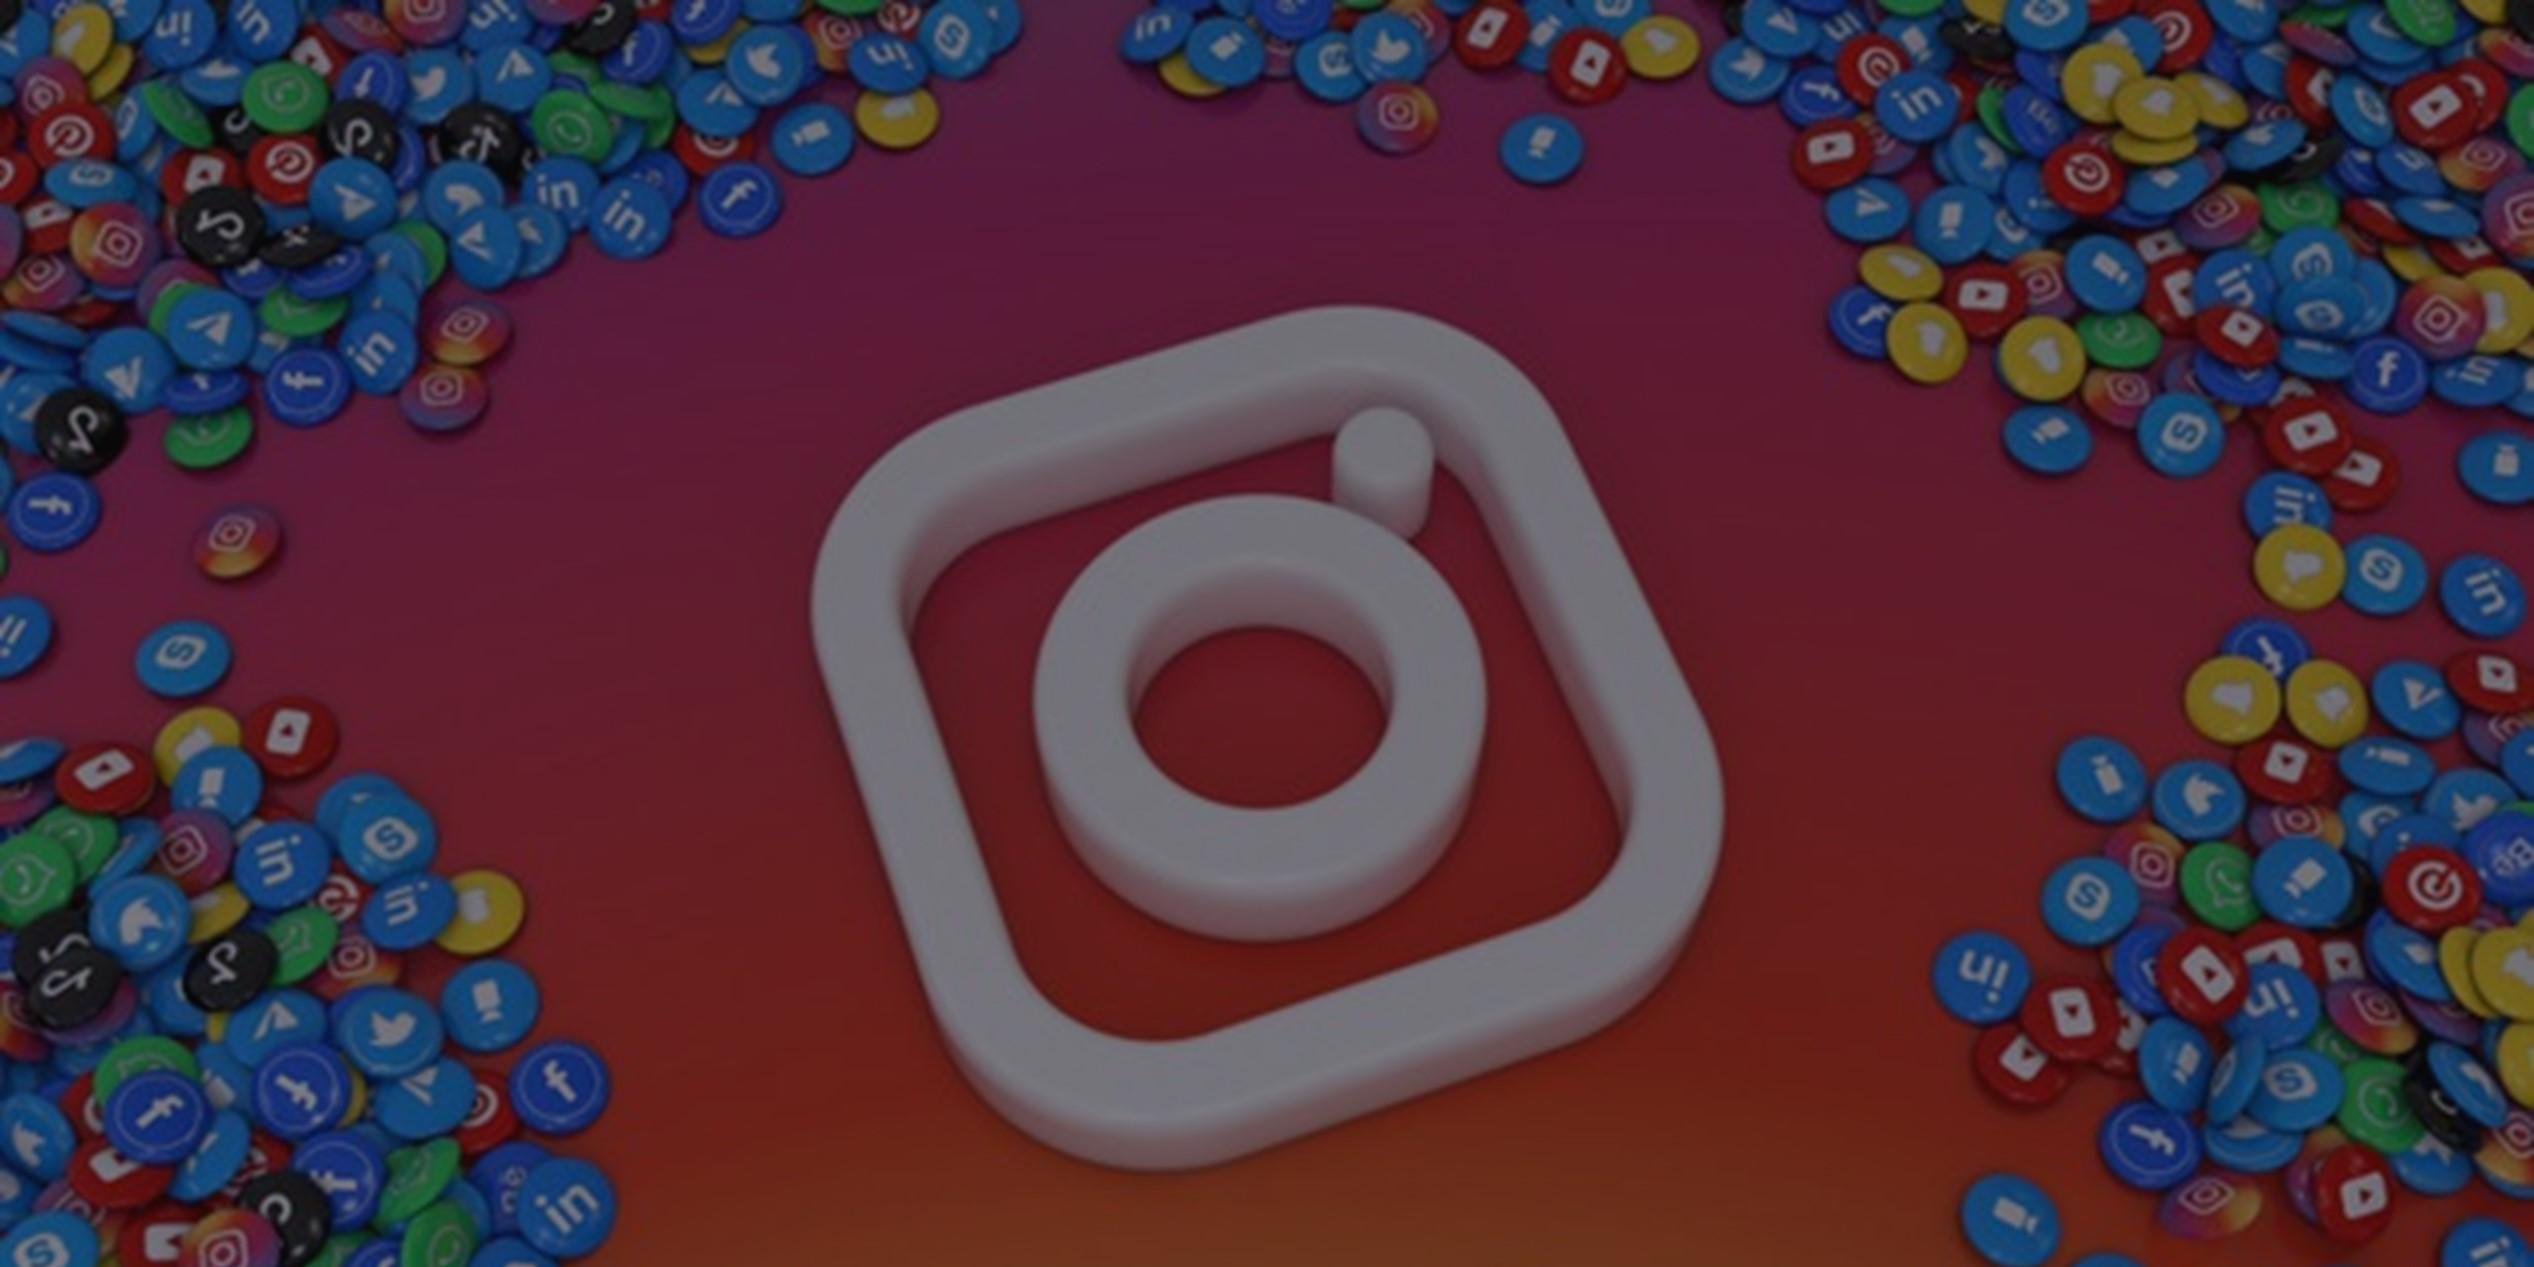 instagram-tendencias-2021-reels-e-commerce-contenido-lima-perú